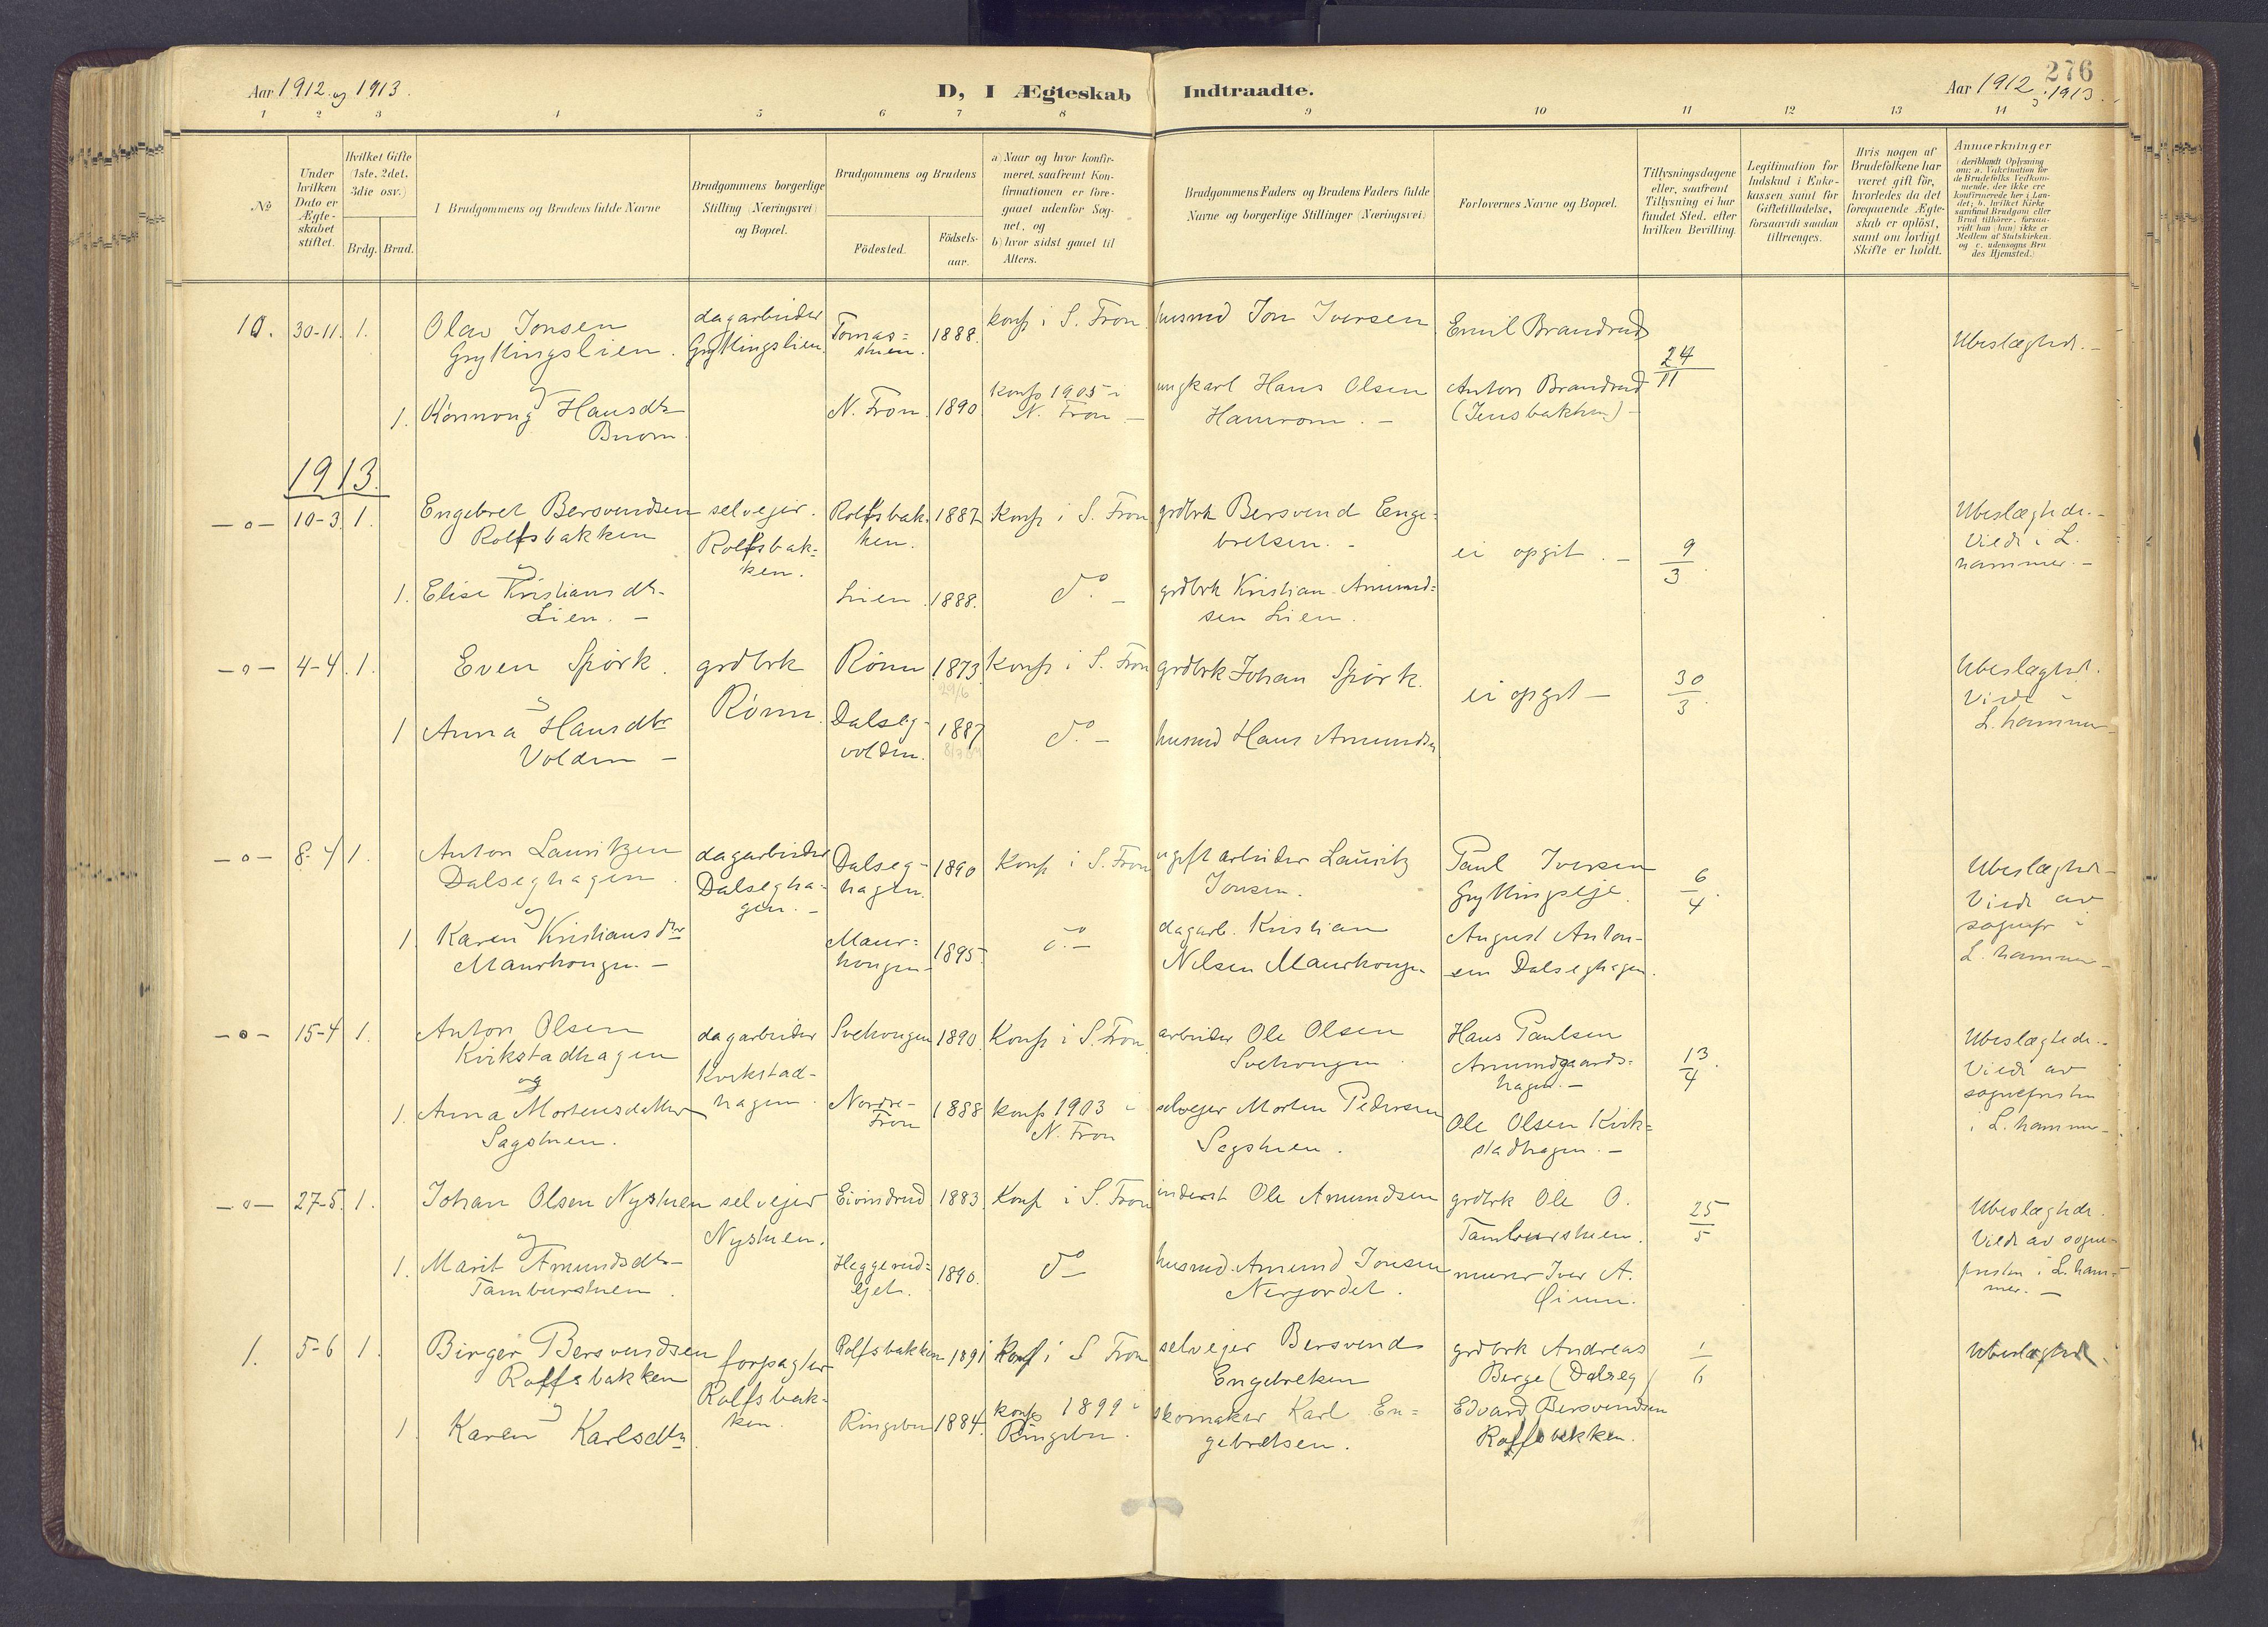 SAH, Sør-Fron prestekontor, H/Ha/Haa/L0004: Parish register (official) no. 4, 1898-1919, p. 276